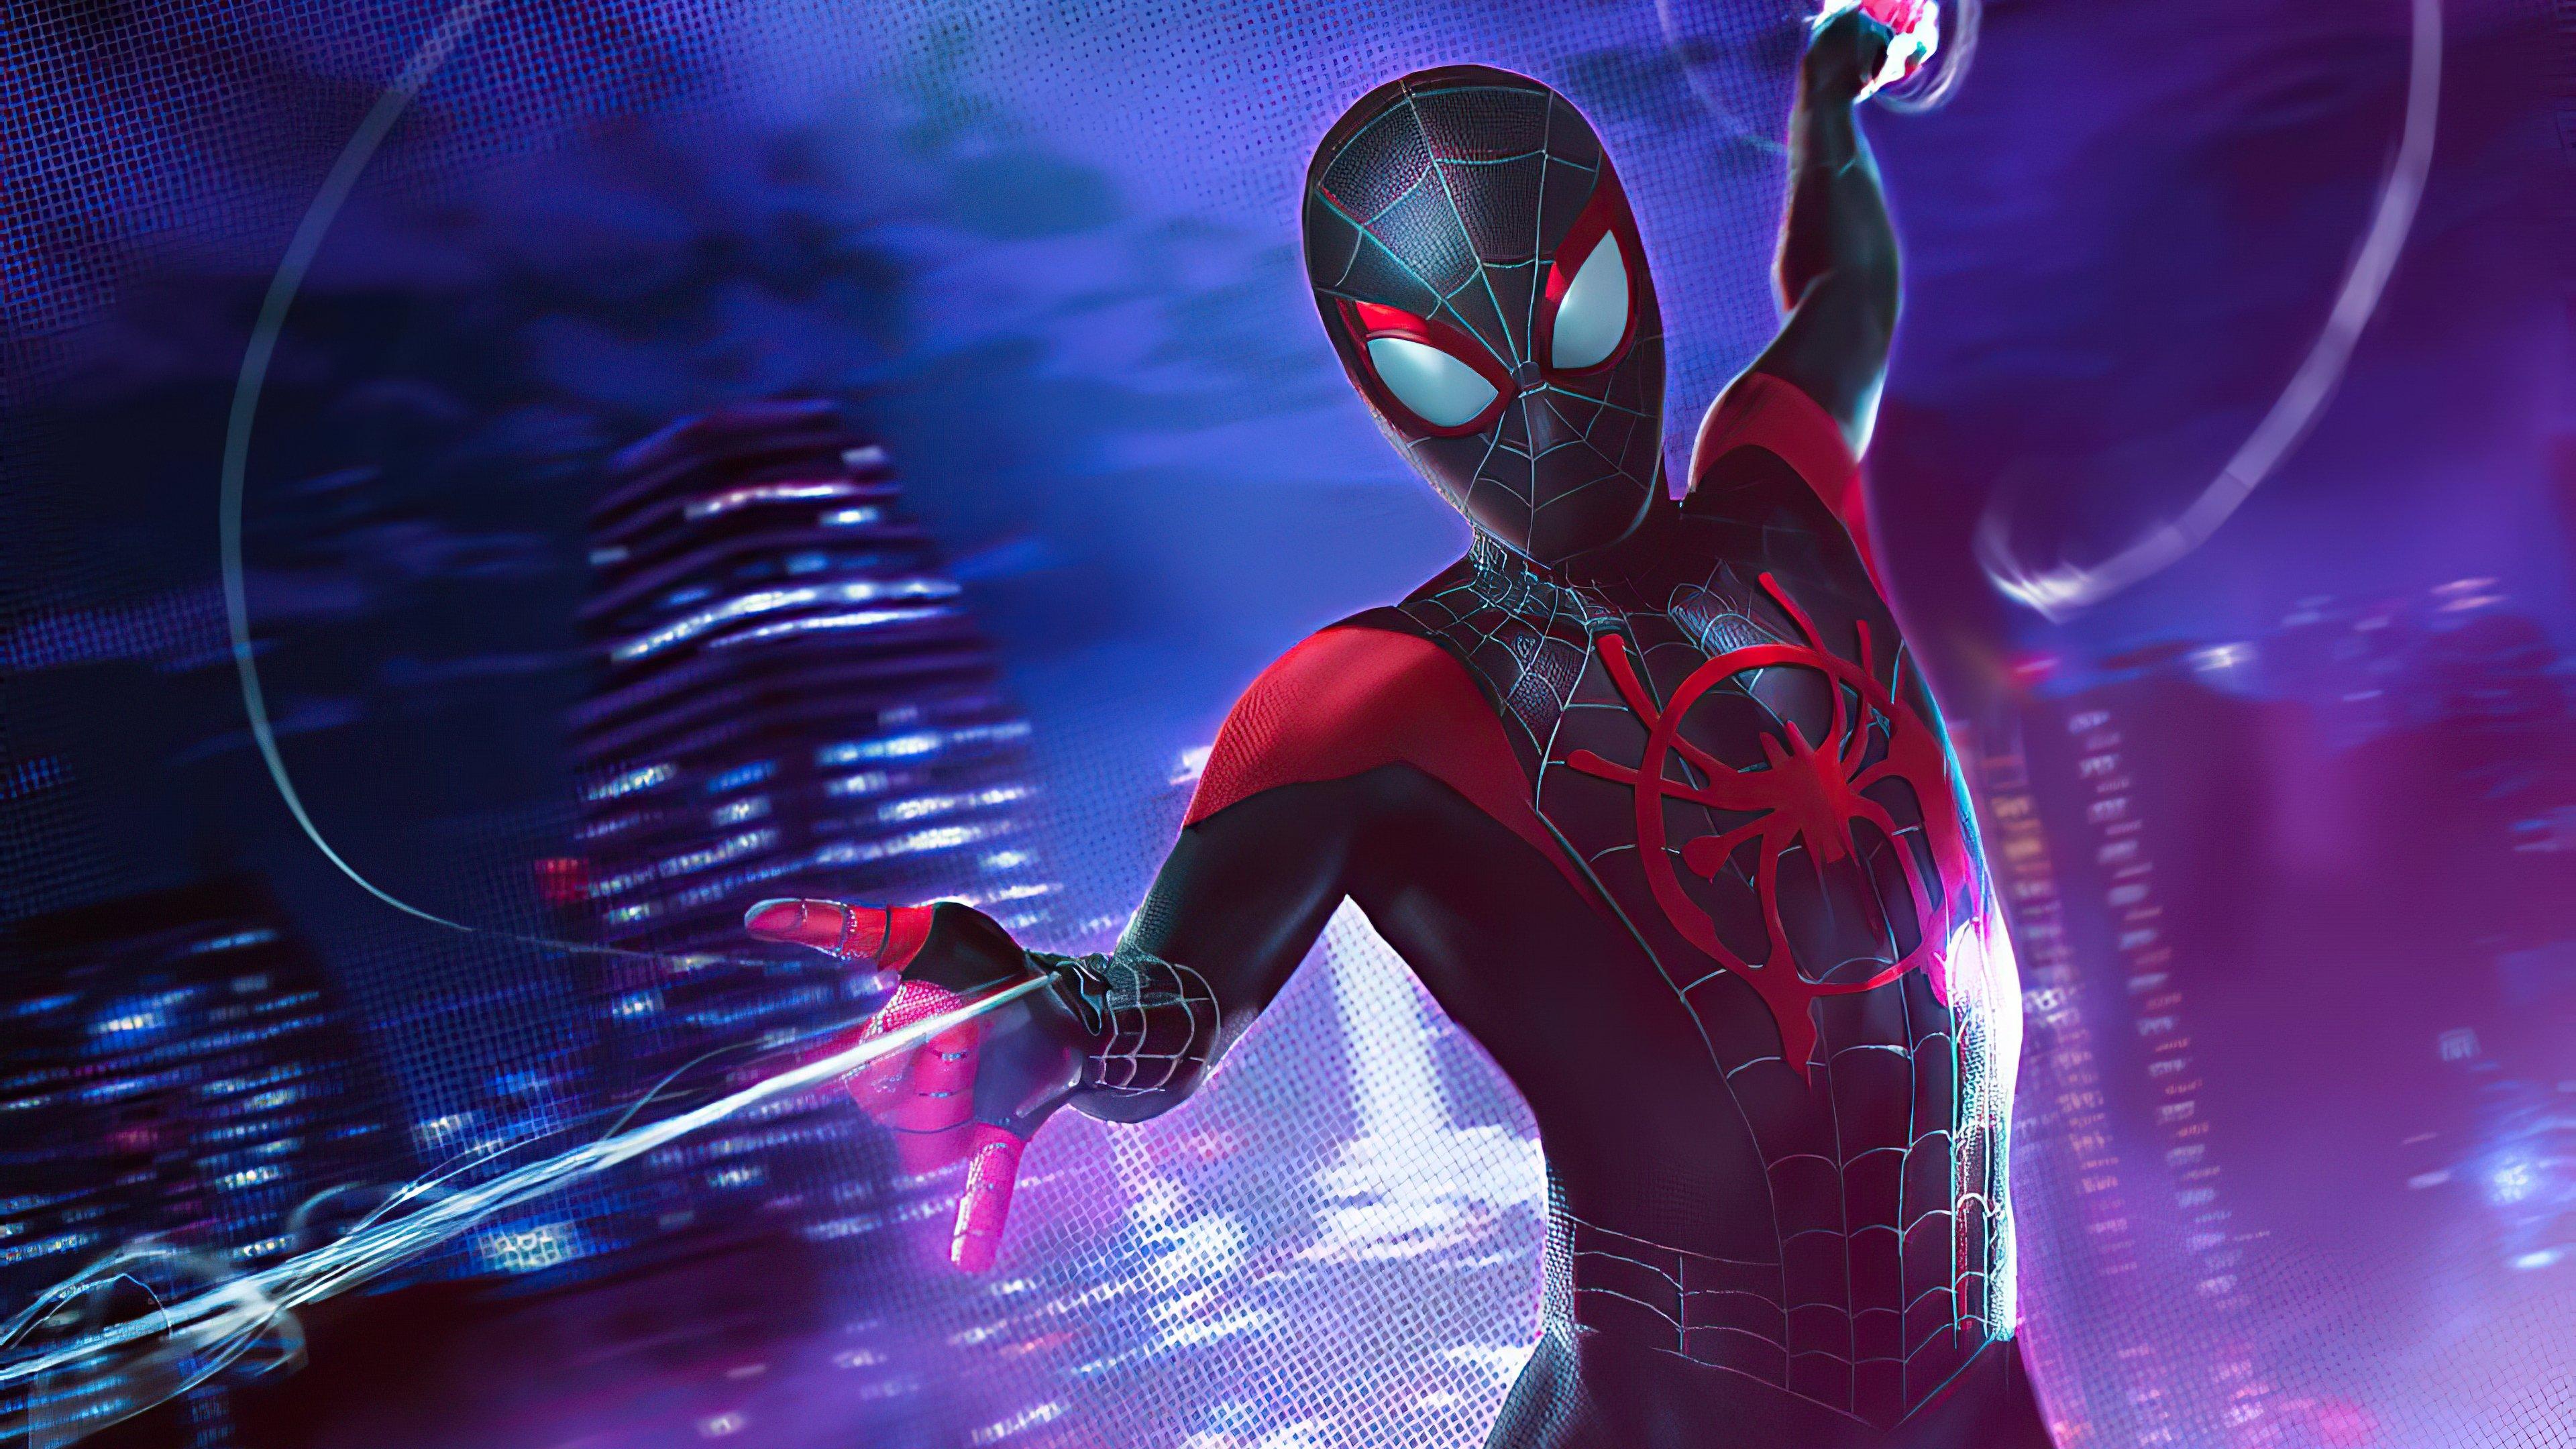 Fondos de pantalla Hombre araña con traje negro